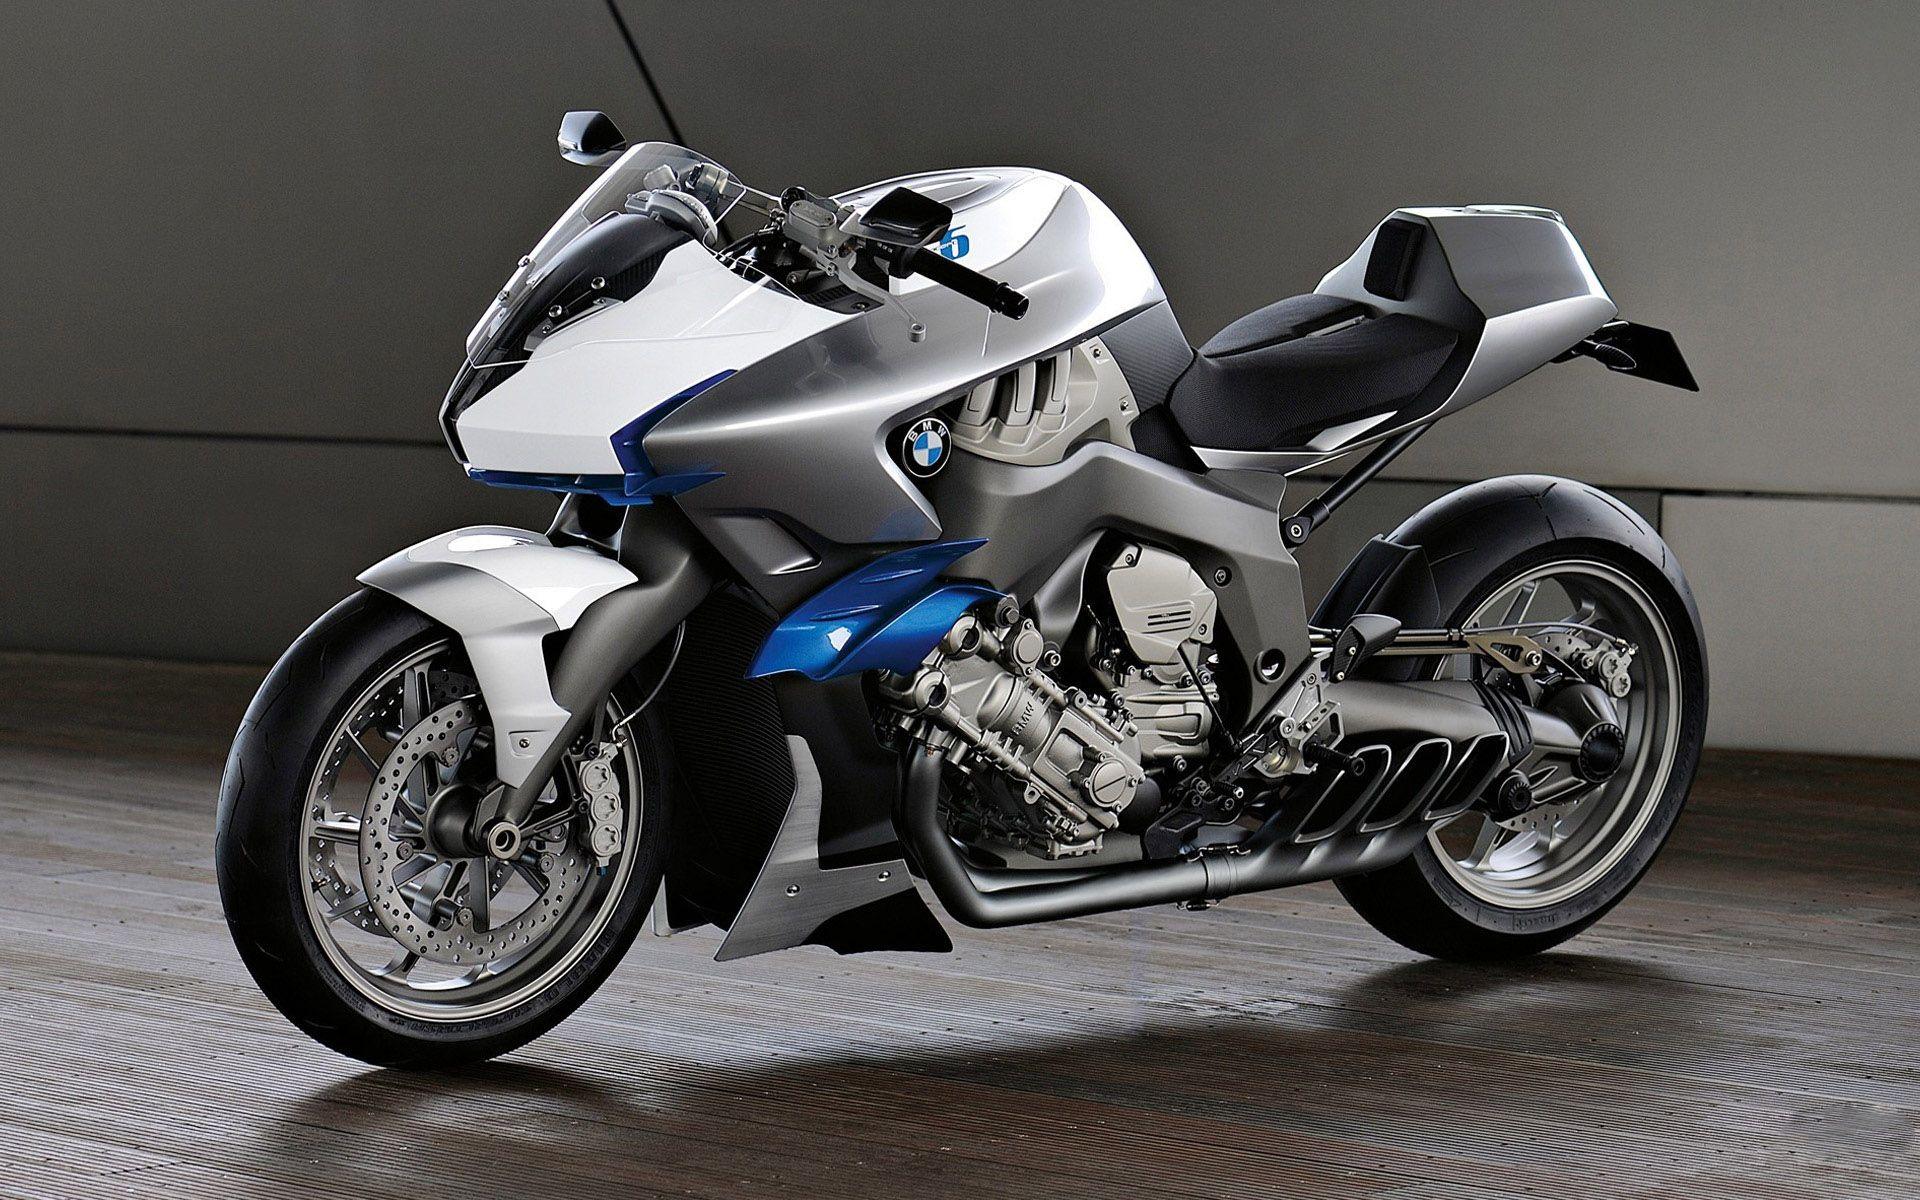 Bmw Motorrad Wallpaper New Bmw Motorrad Bmw Konzept Motorrad